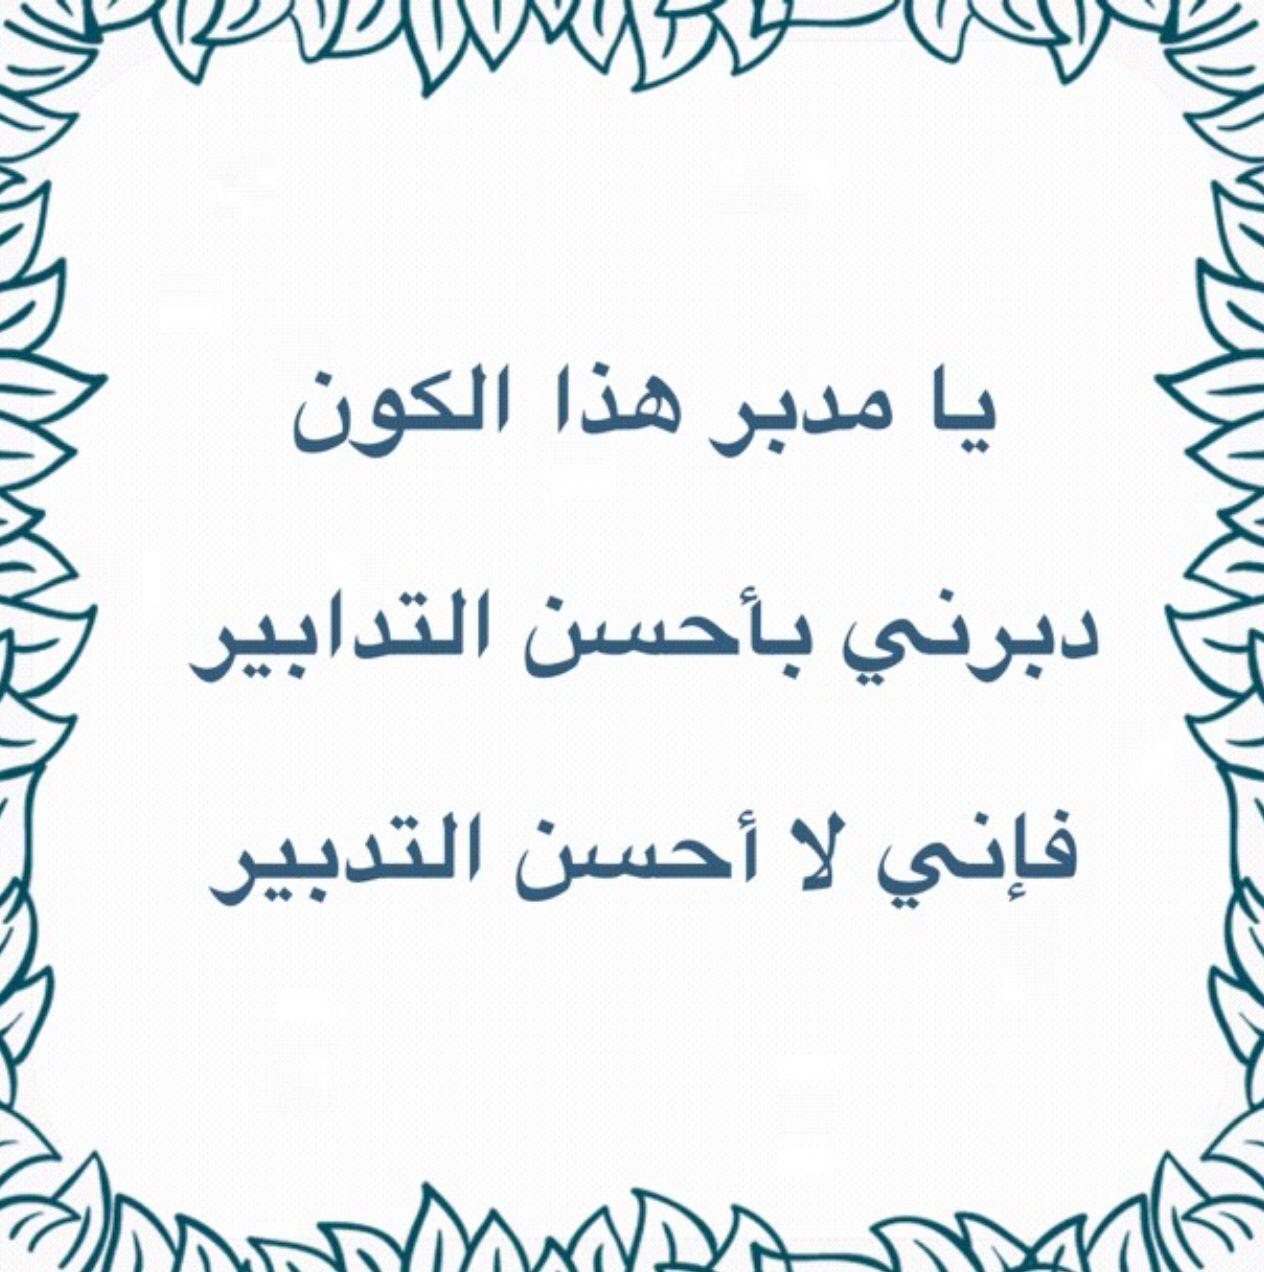 أميــن يارب العالمين Arabic Calligraphy Calligraphy Arabic